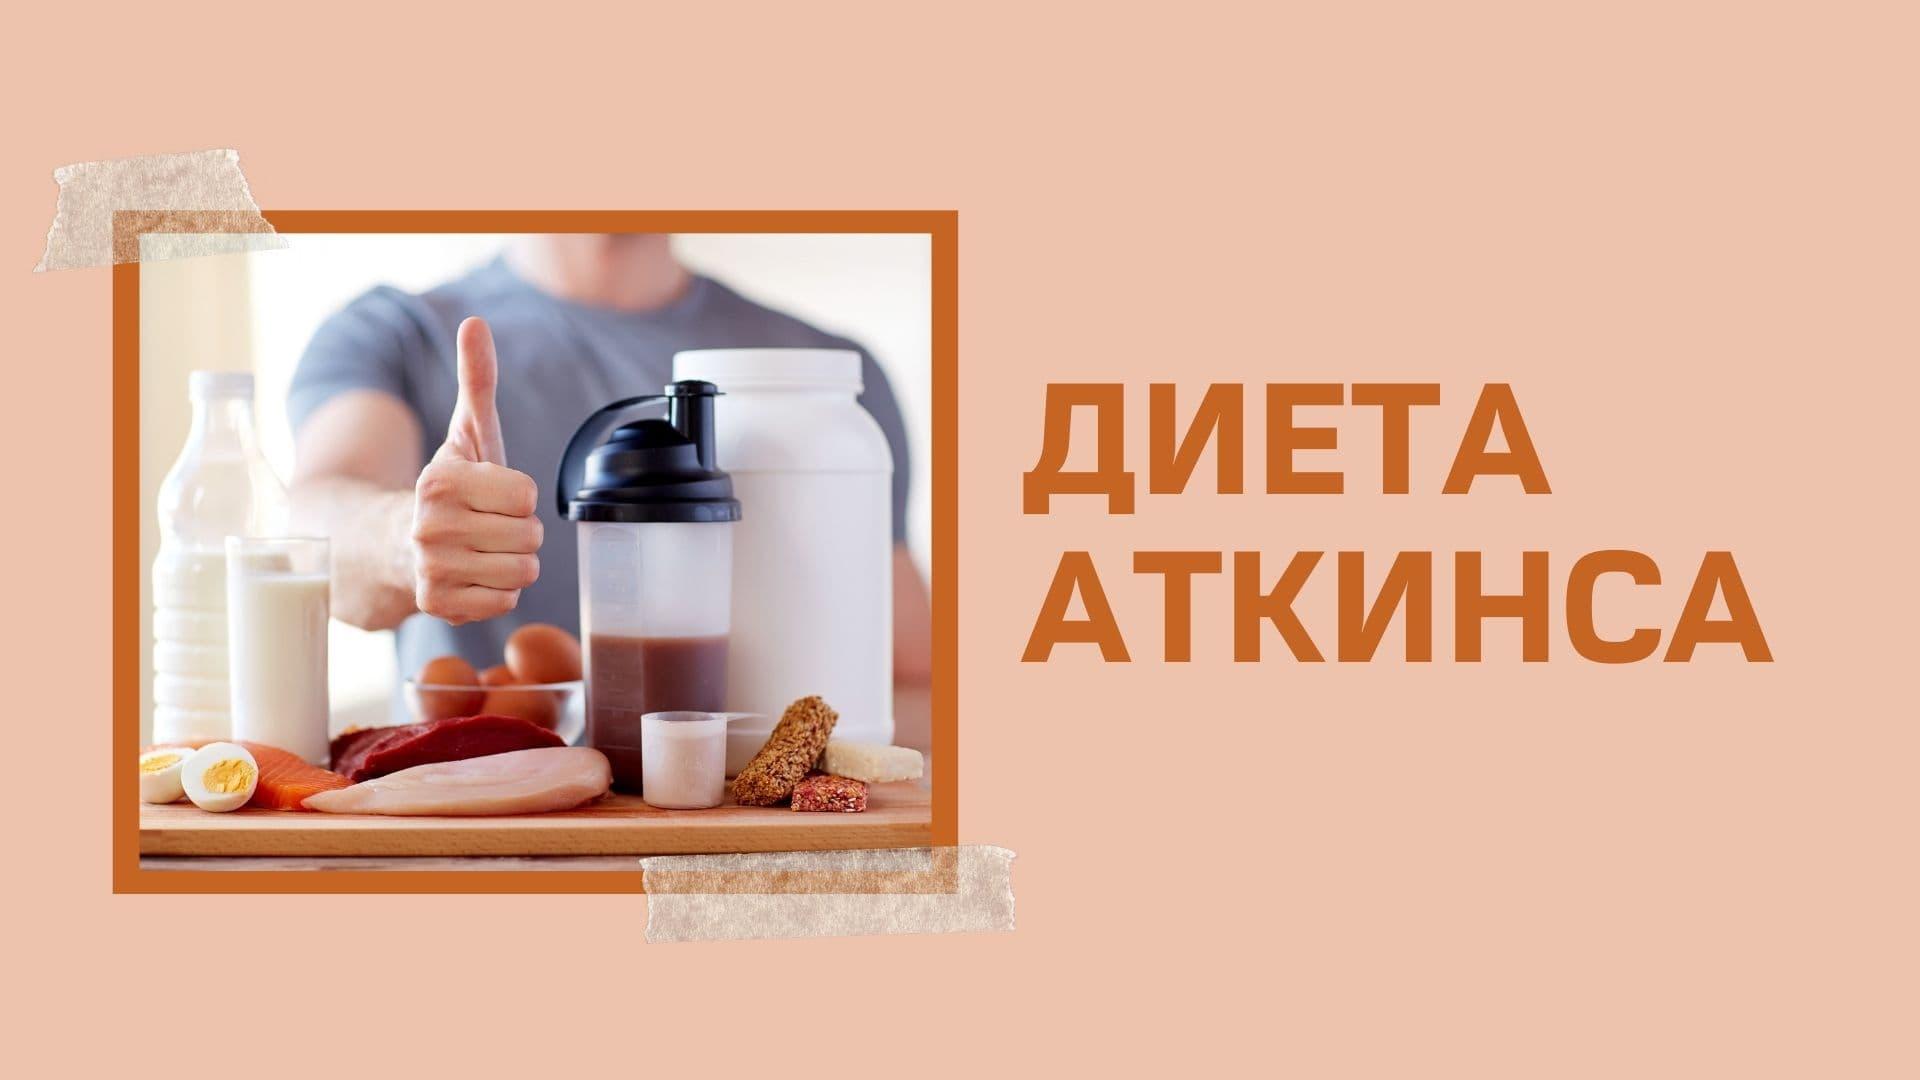 Диета Аткинса: основные правила и этапы, рецепты блюд и меню